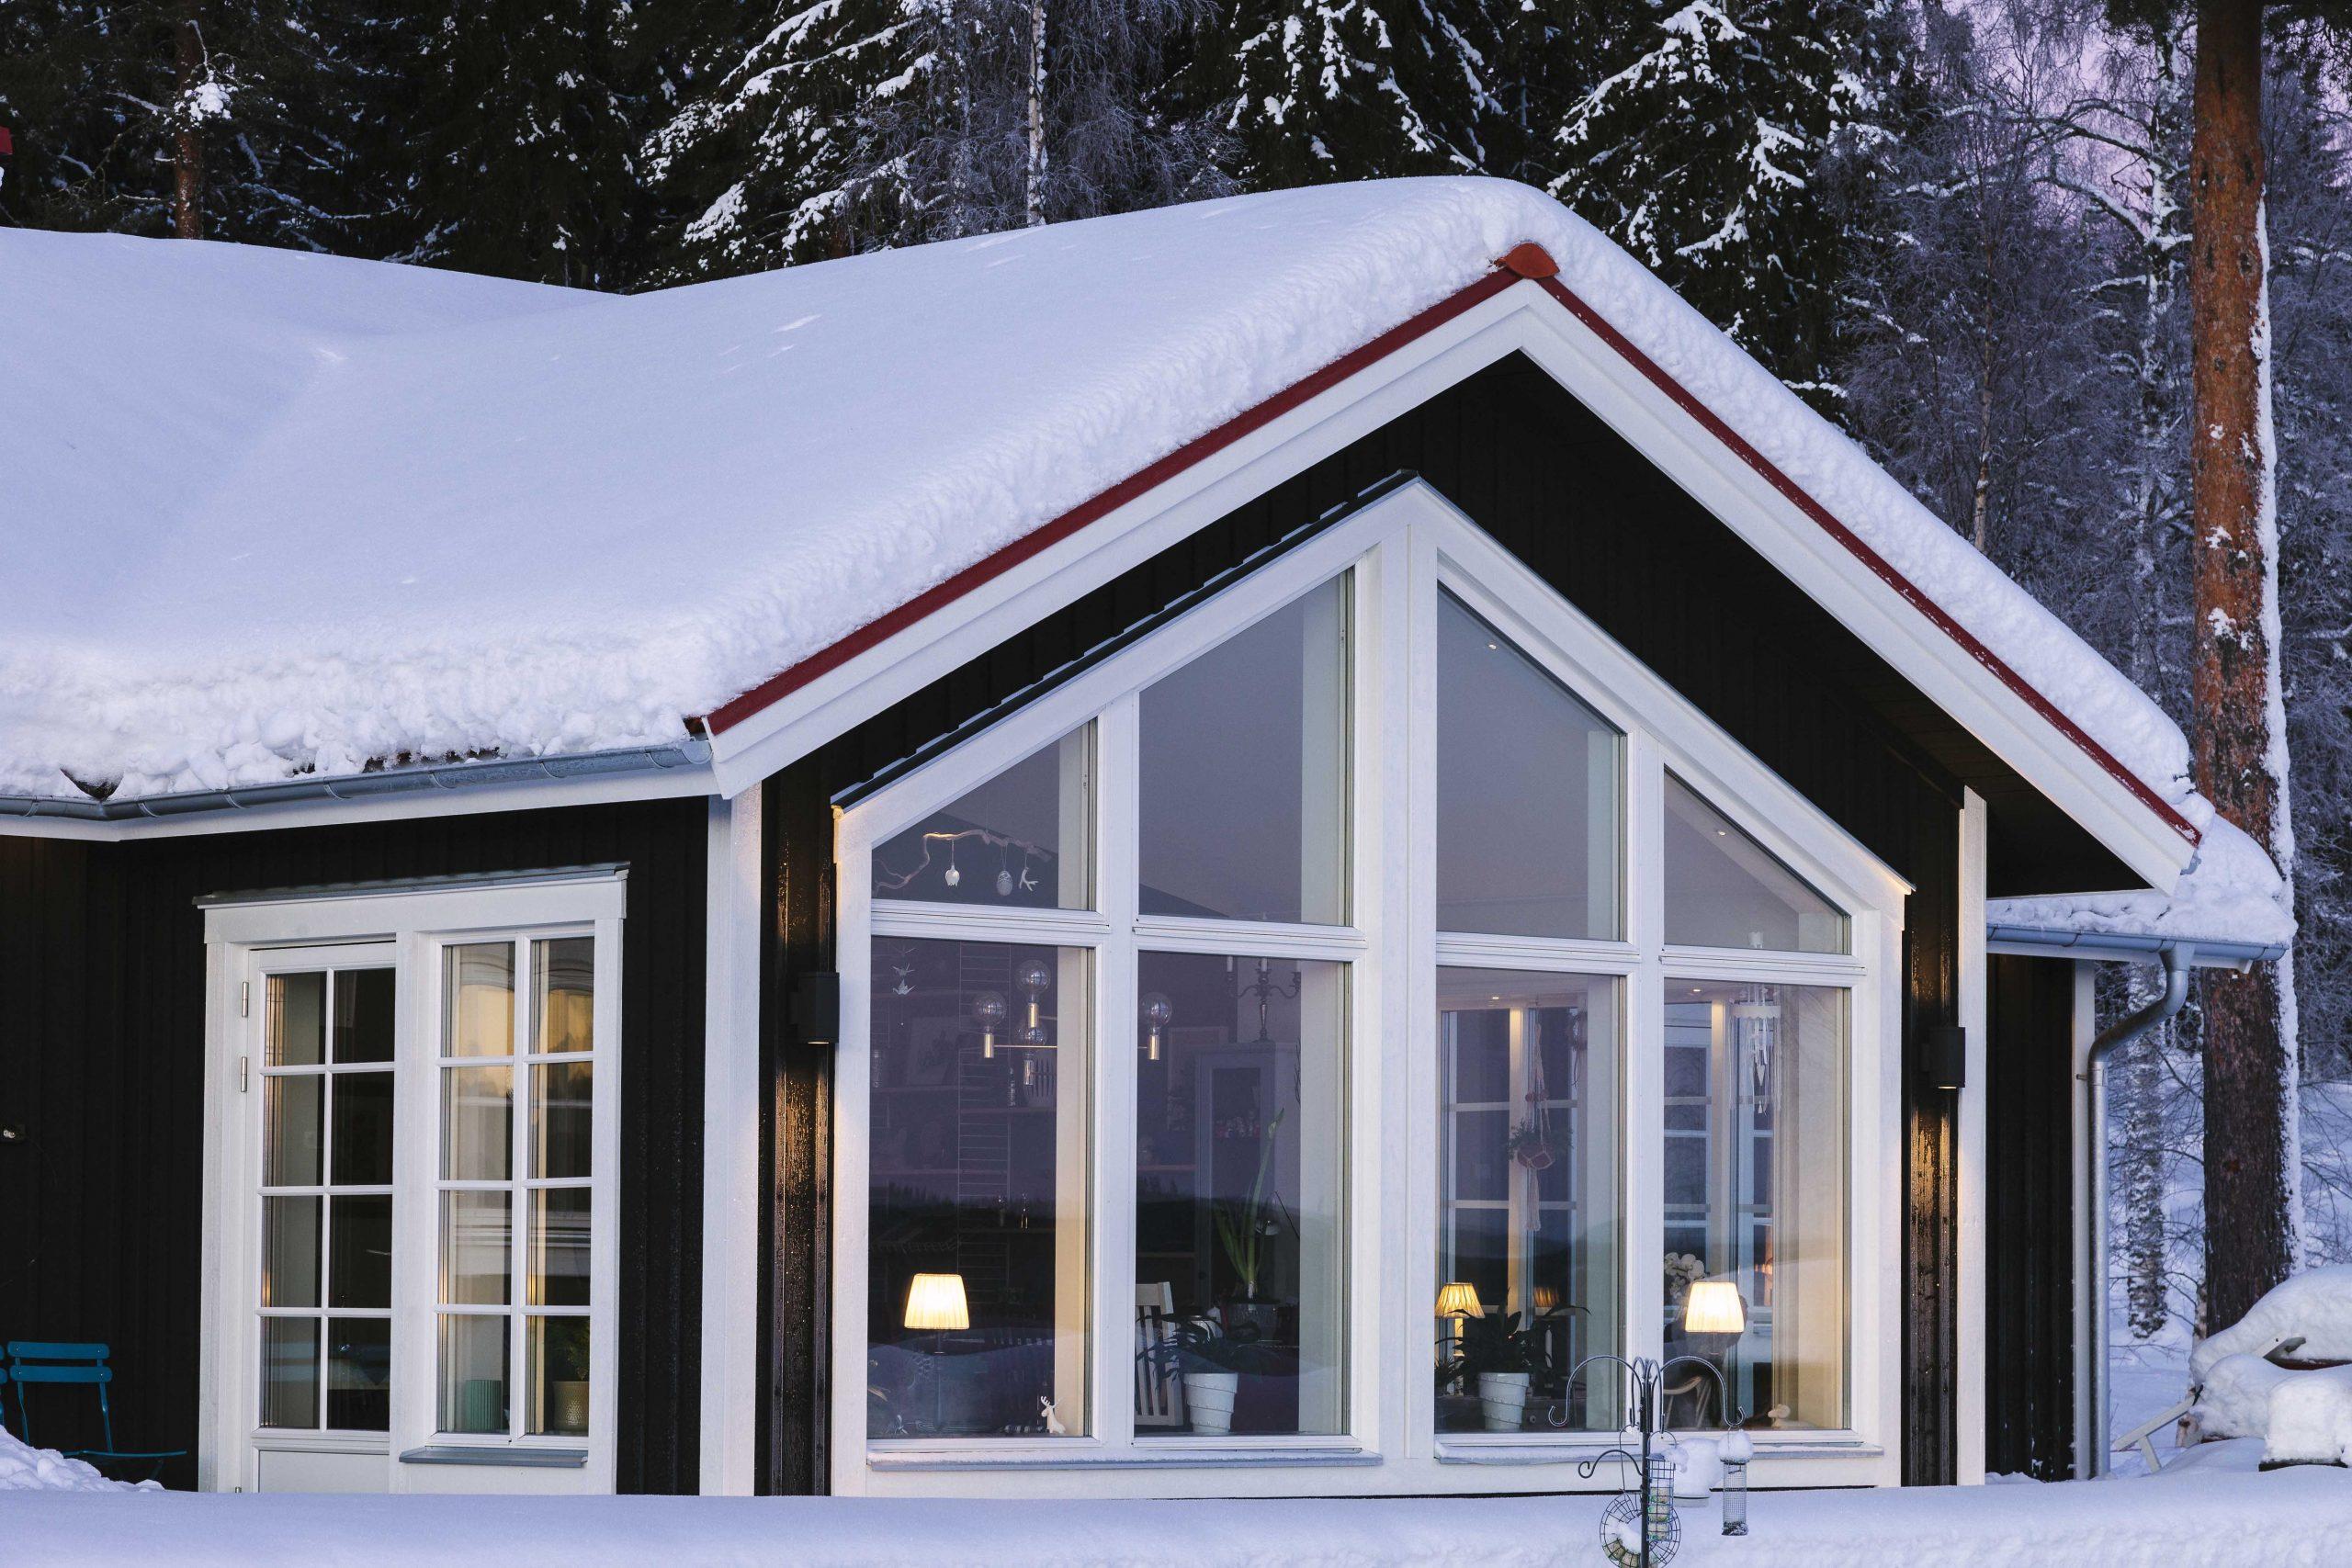 SP-fönster monterade på rött hus med snö